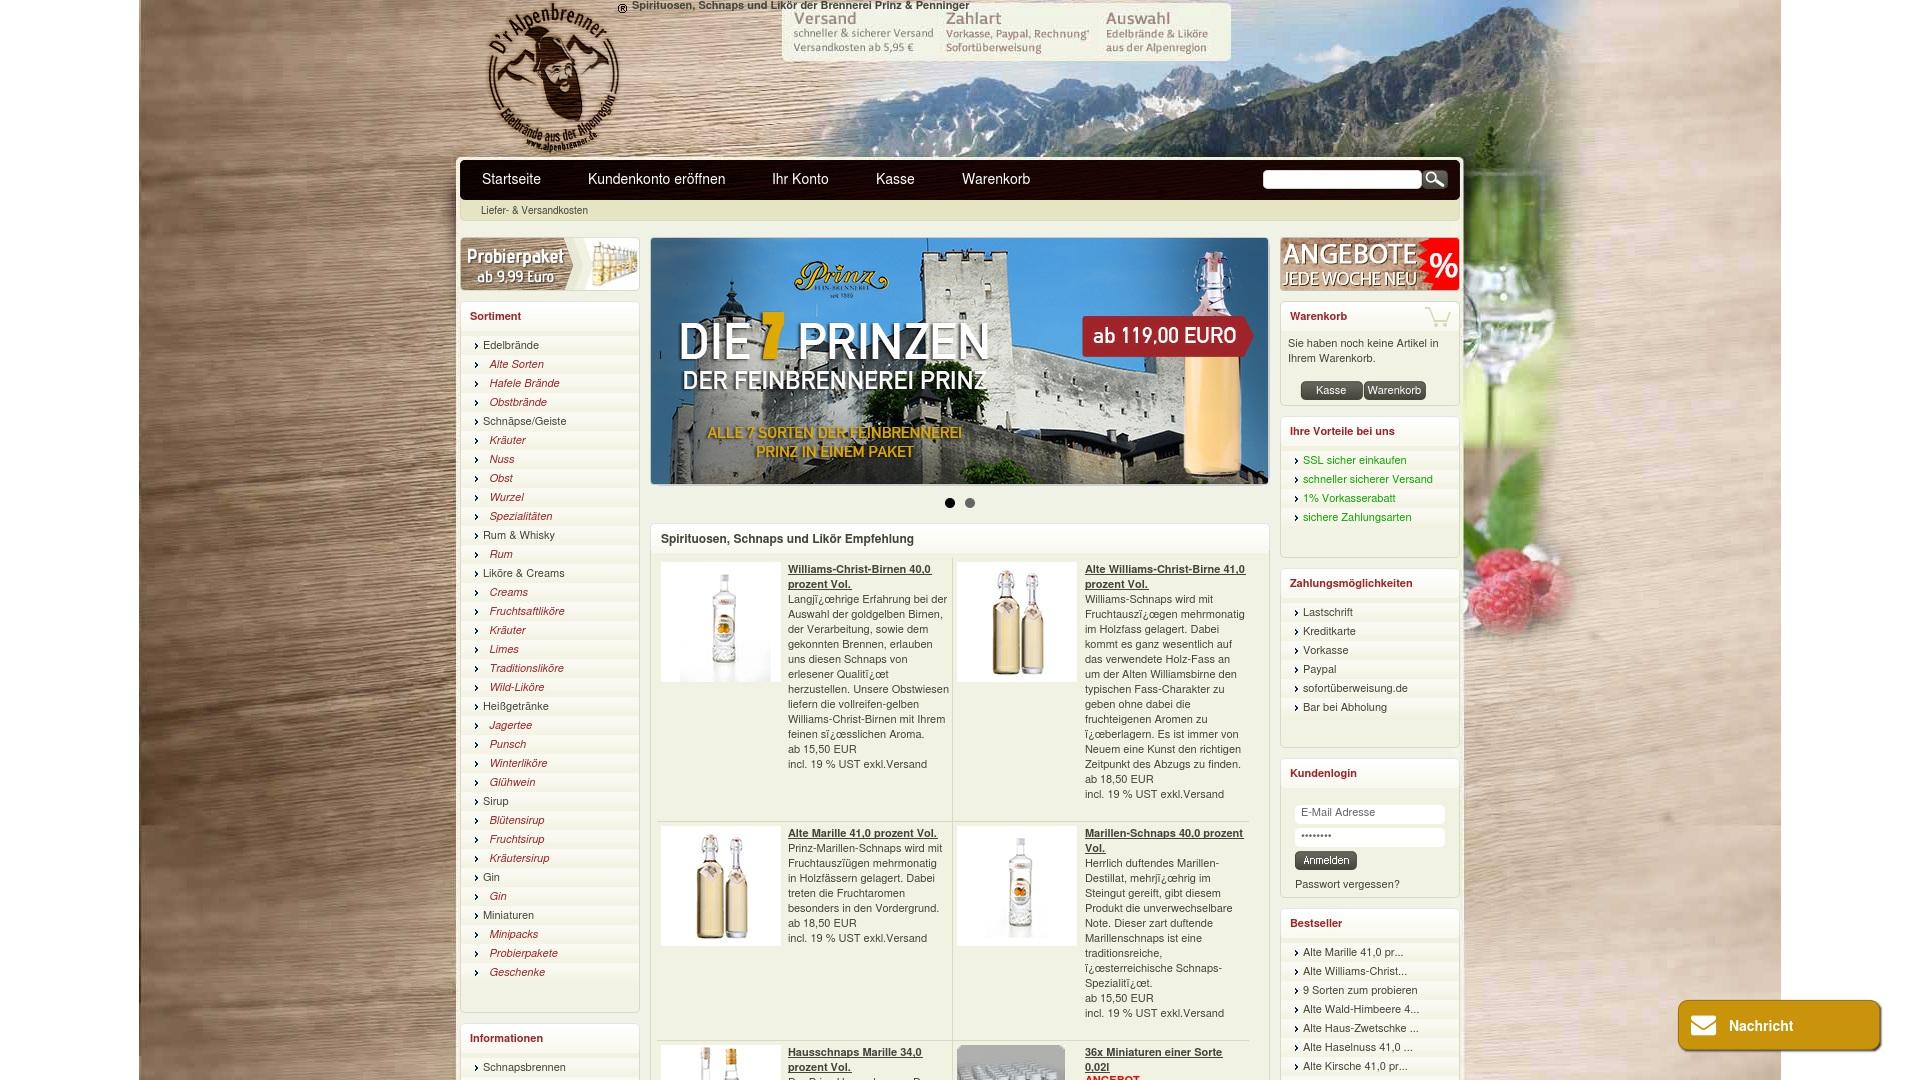 Gutschein für Alpenbrenner: Rabatte für  Alpenbrenner sichern